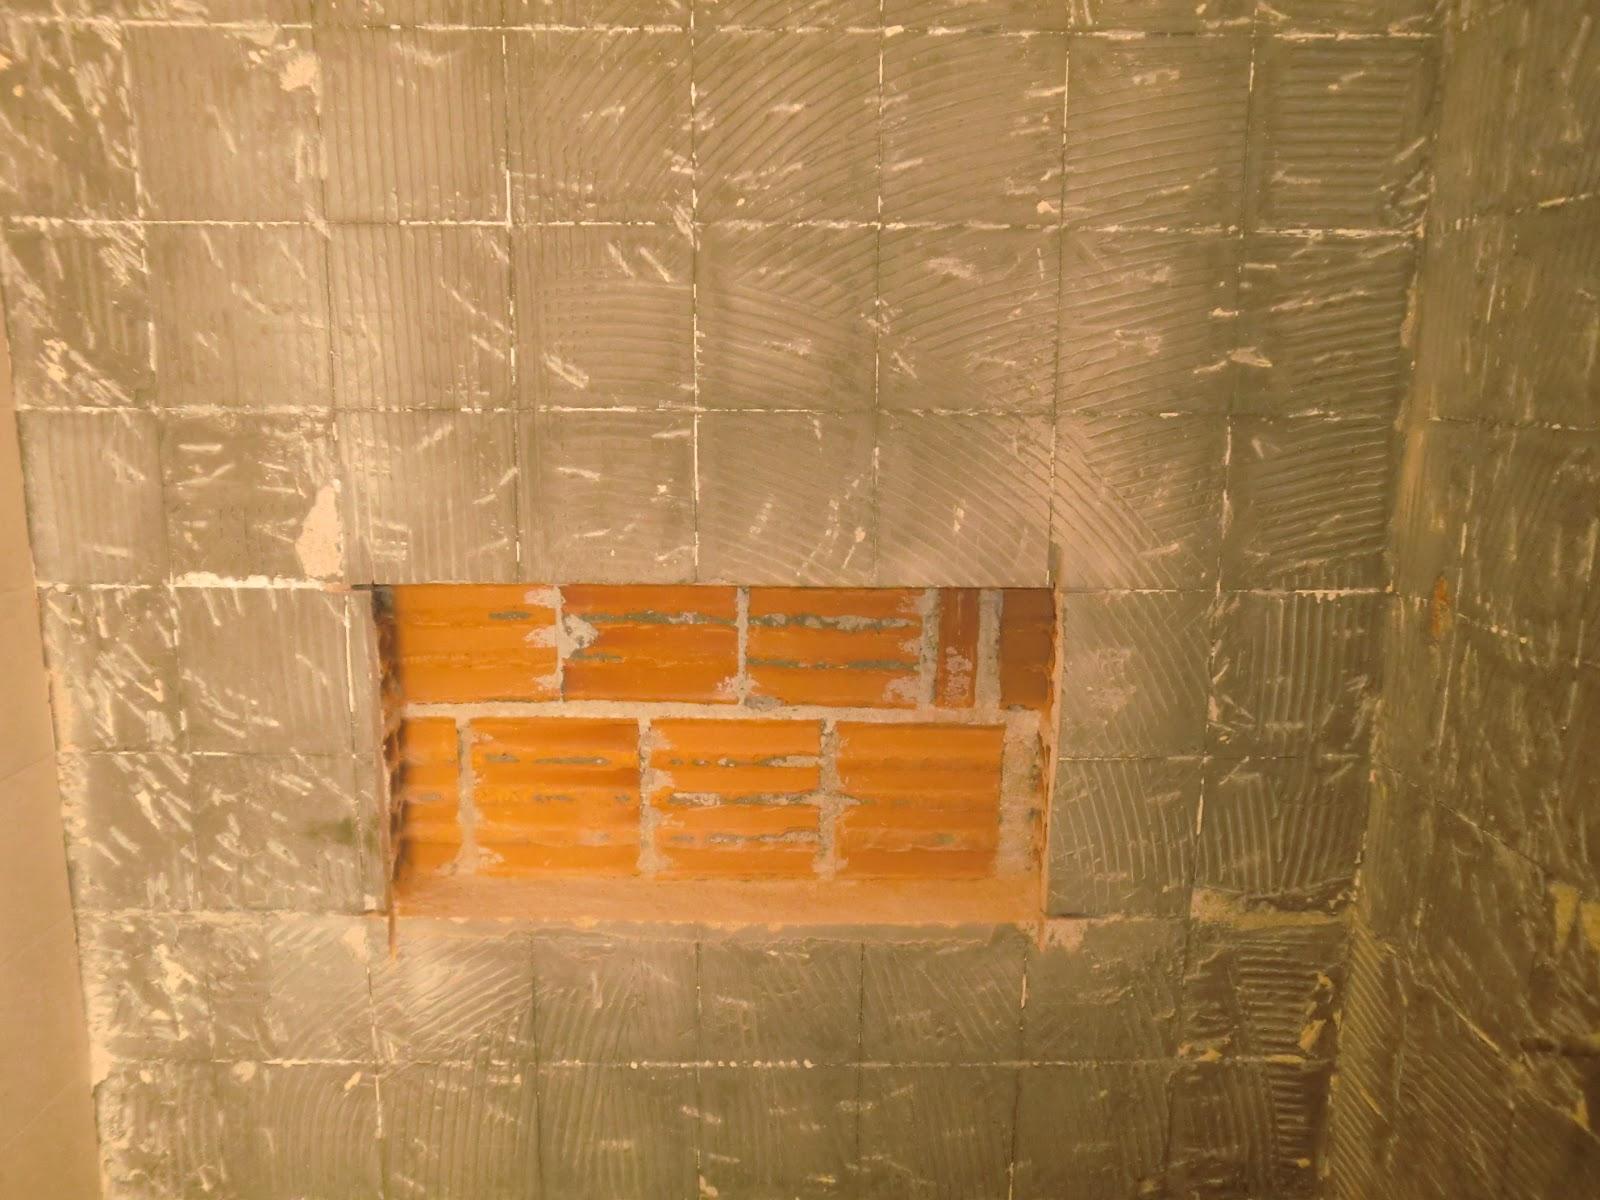 nicho de pastilhas de vidro dentro bo box do banheiro Casa e Reforma #C68005 1600 1200